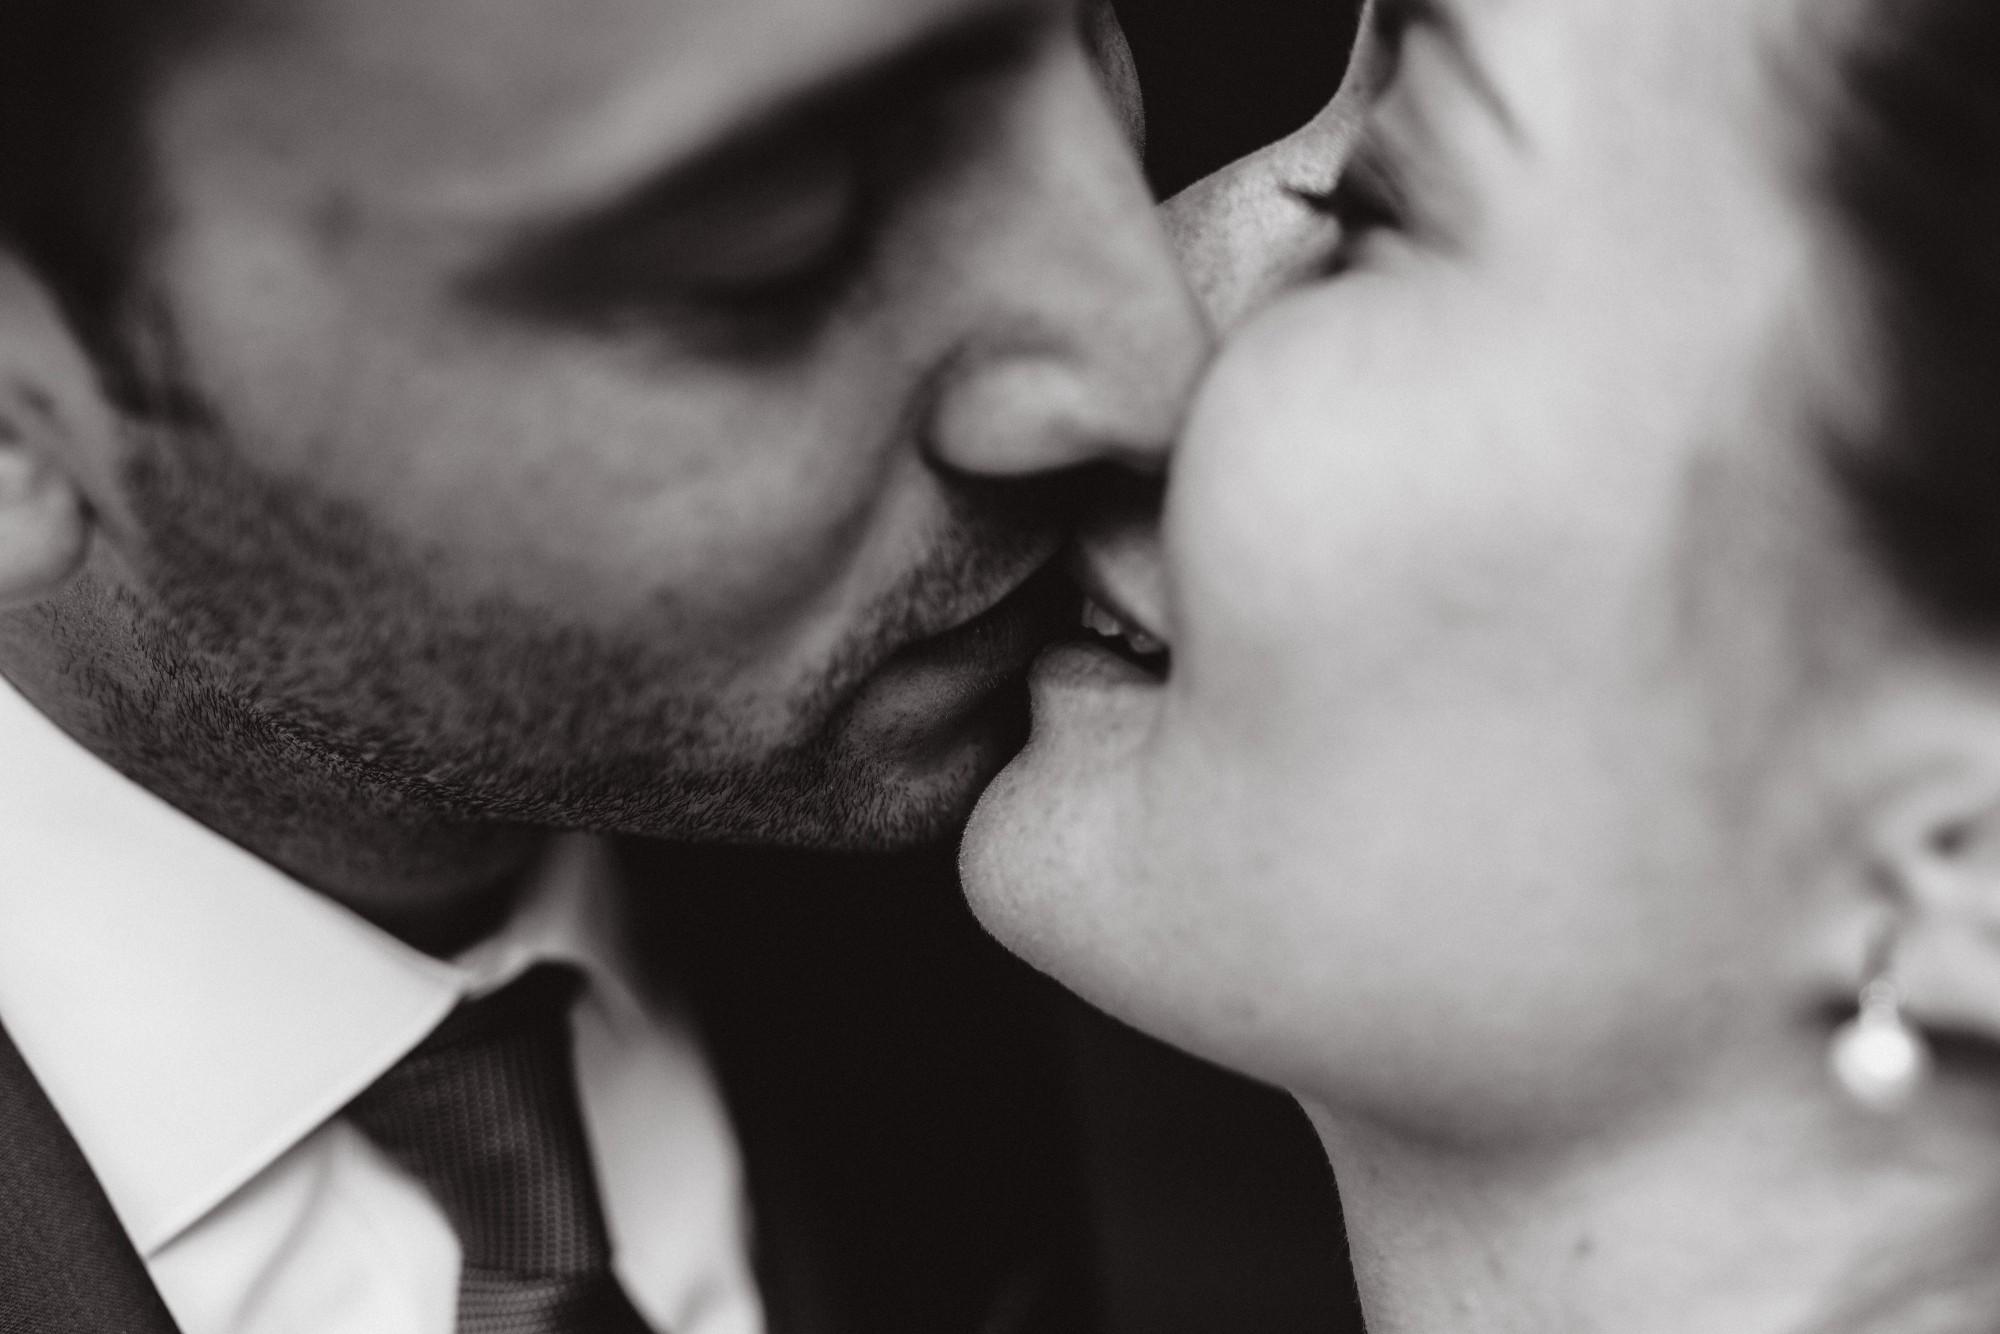 kiss-noir-et-blanc